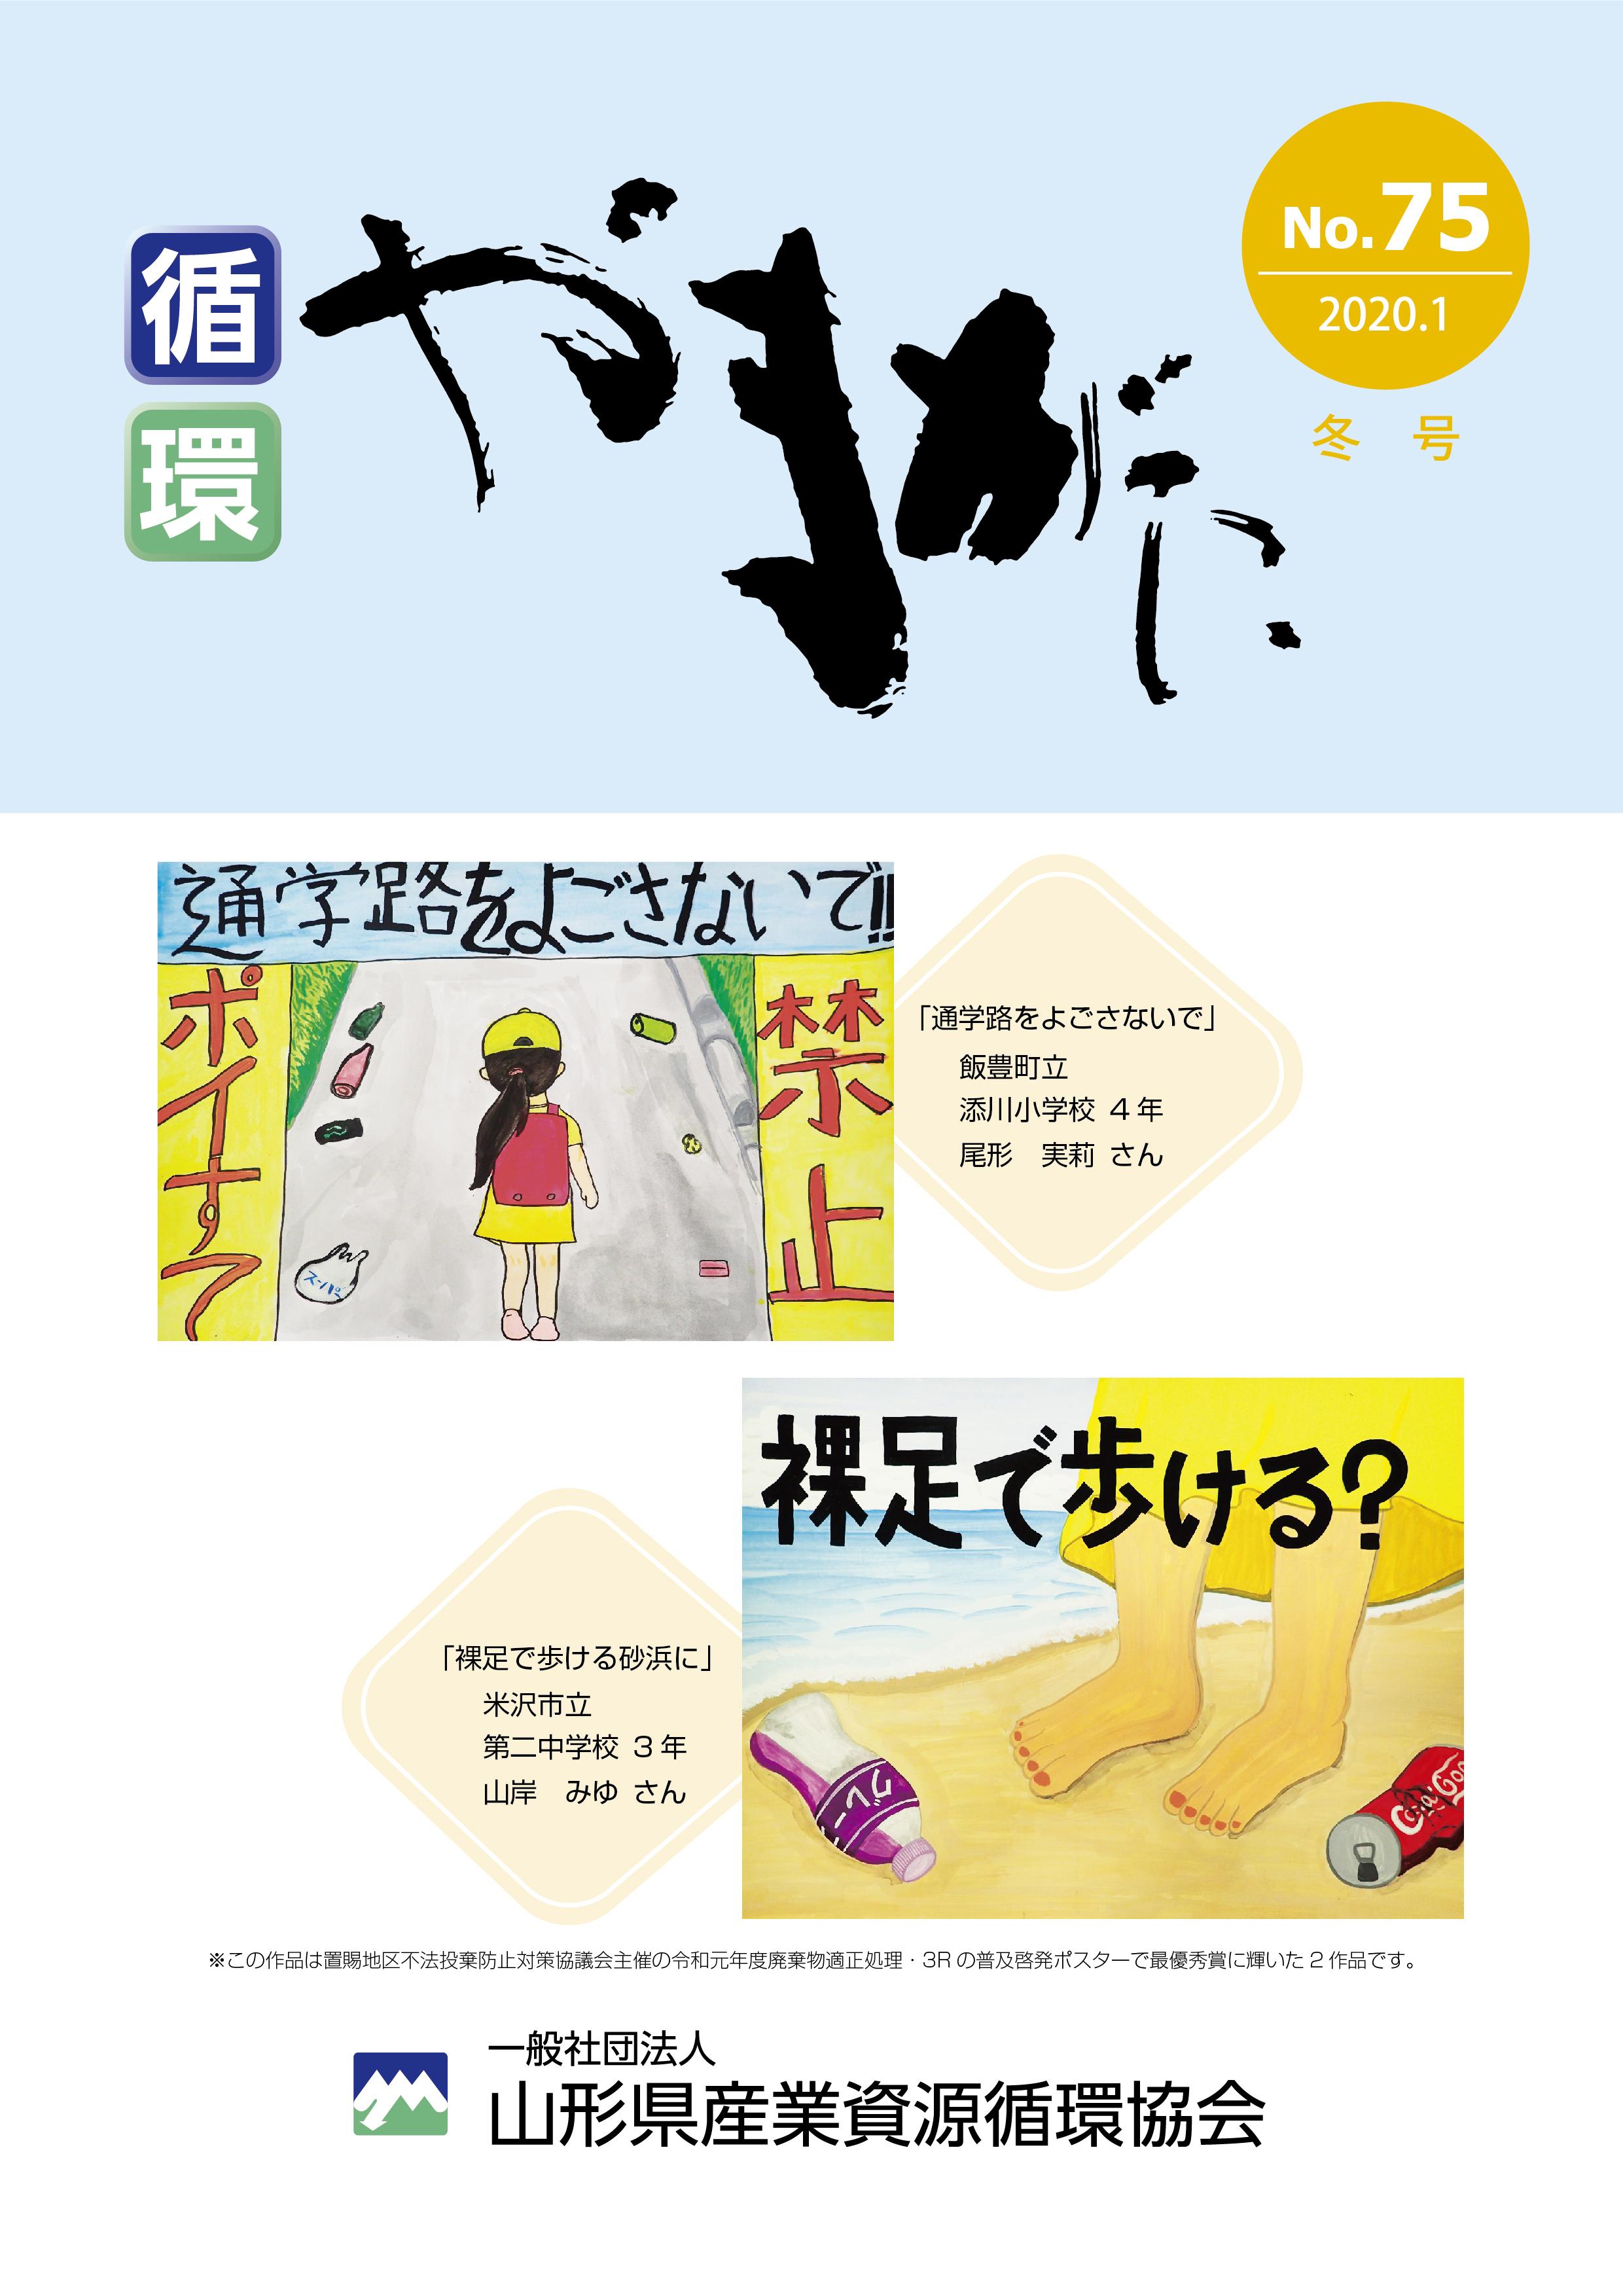 sanpaiyamagata_thum72.jpg